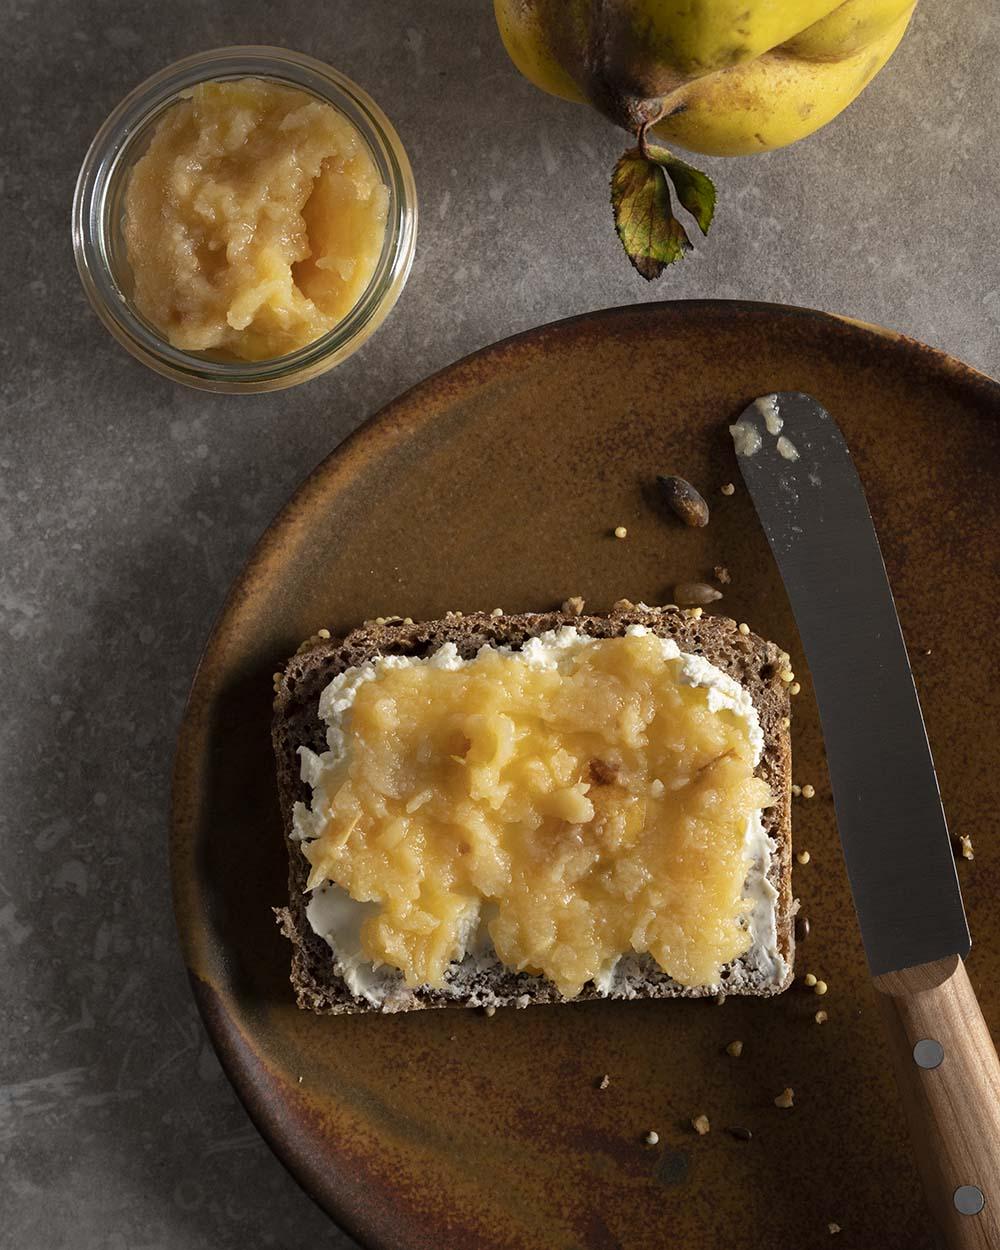 Quitten-Kompott auf Brot